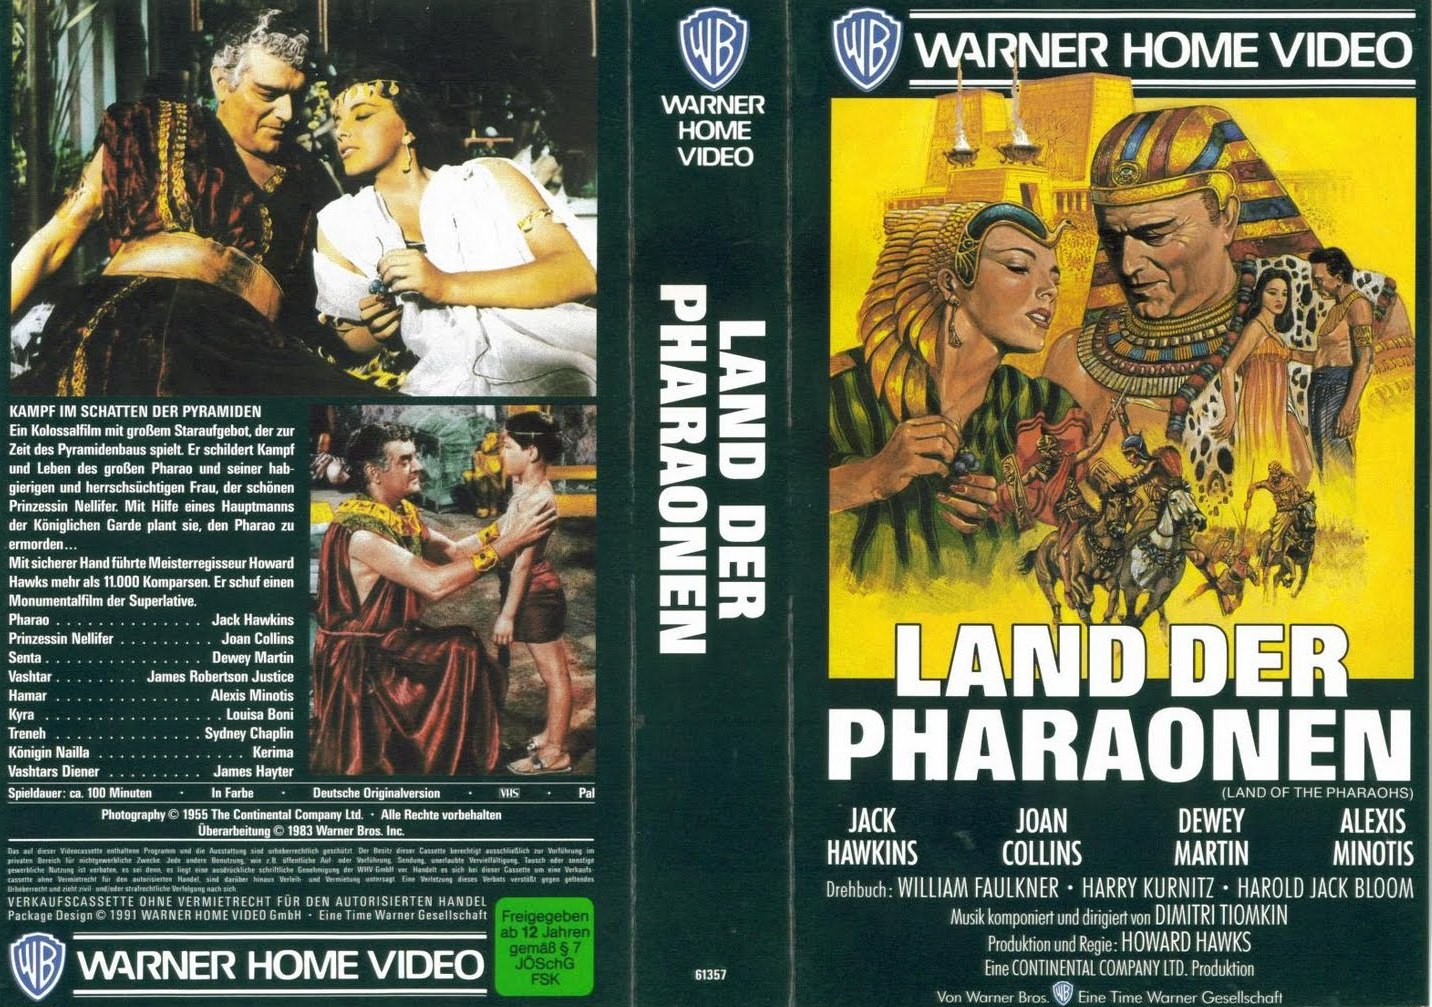 Land Der Pharaonen Spiel